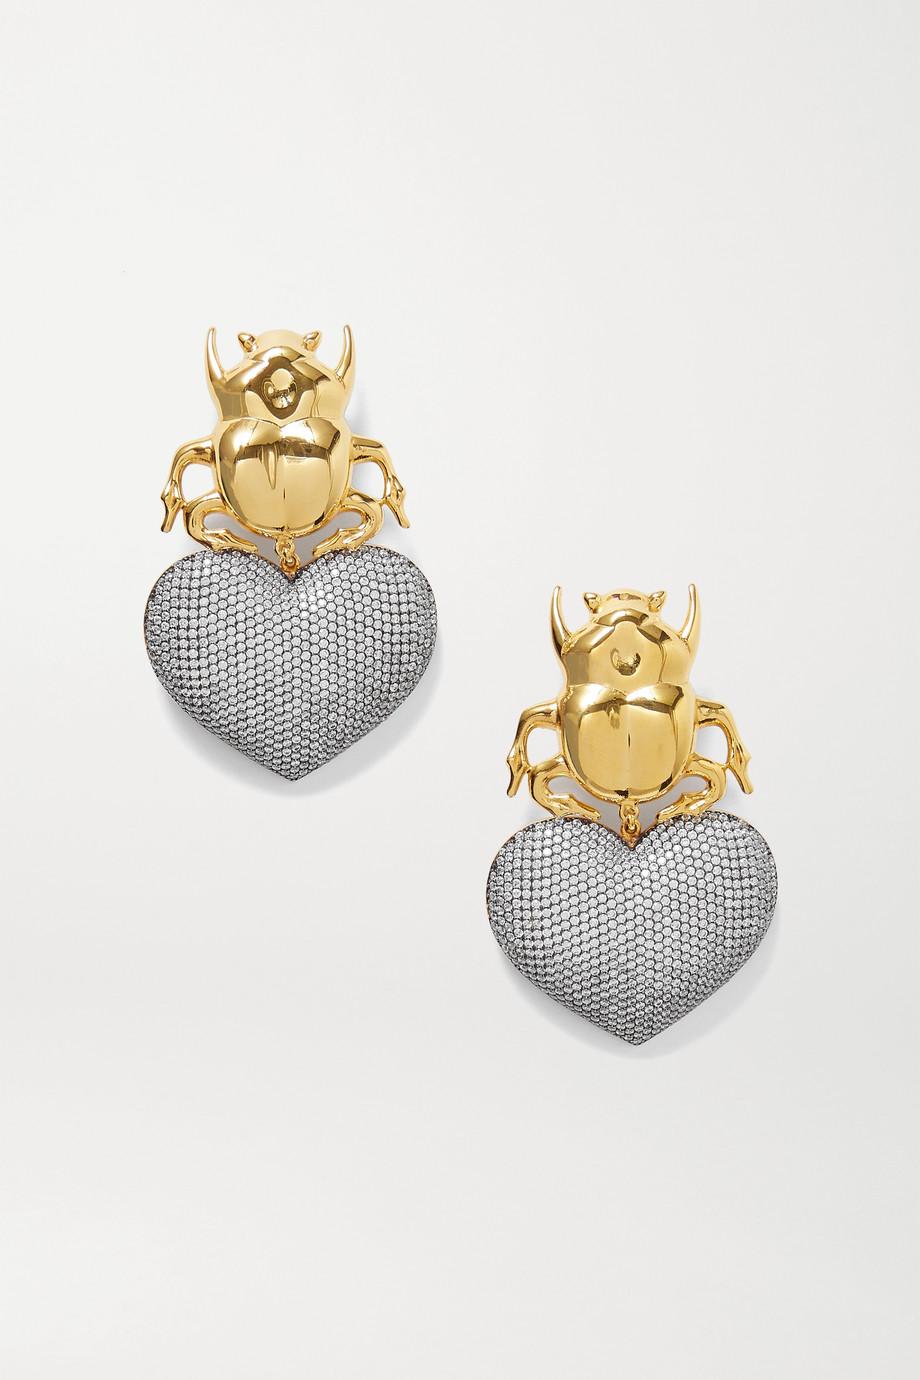 Begüm Khan Beetle My Love vergoldete Ohrclips mit Kristallen